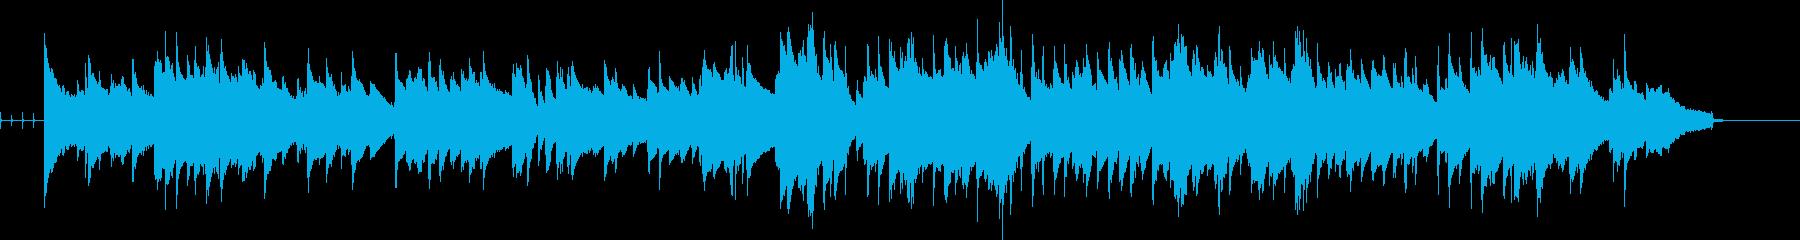 ゆっくりなテンポのジャズっぽい曲の再生済みの波形